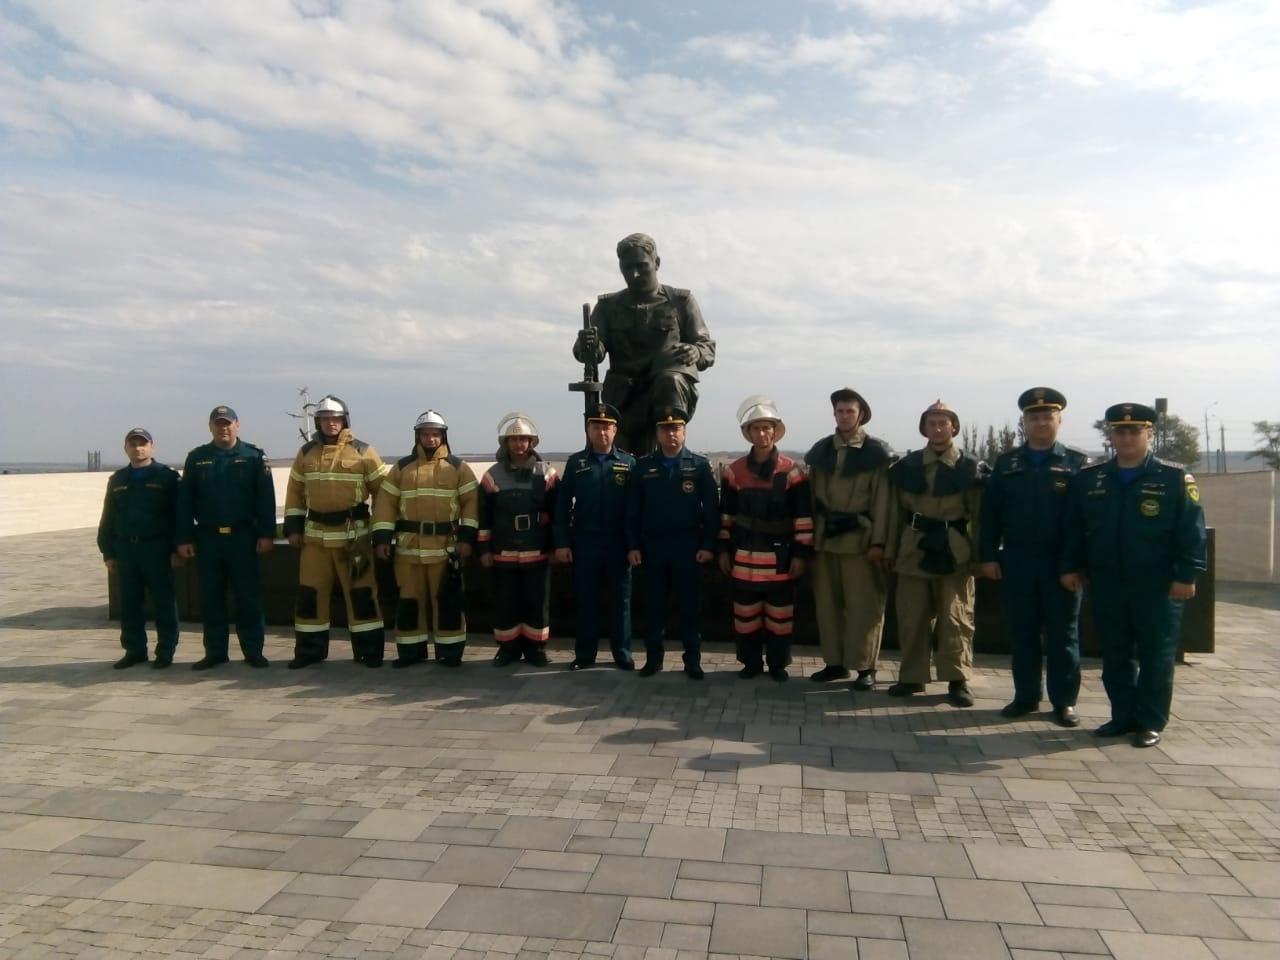 Таганрогские огнеборцы провели ретро парад в честь Дня Гражданской обороны